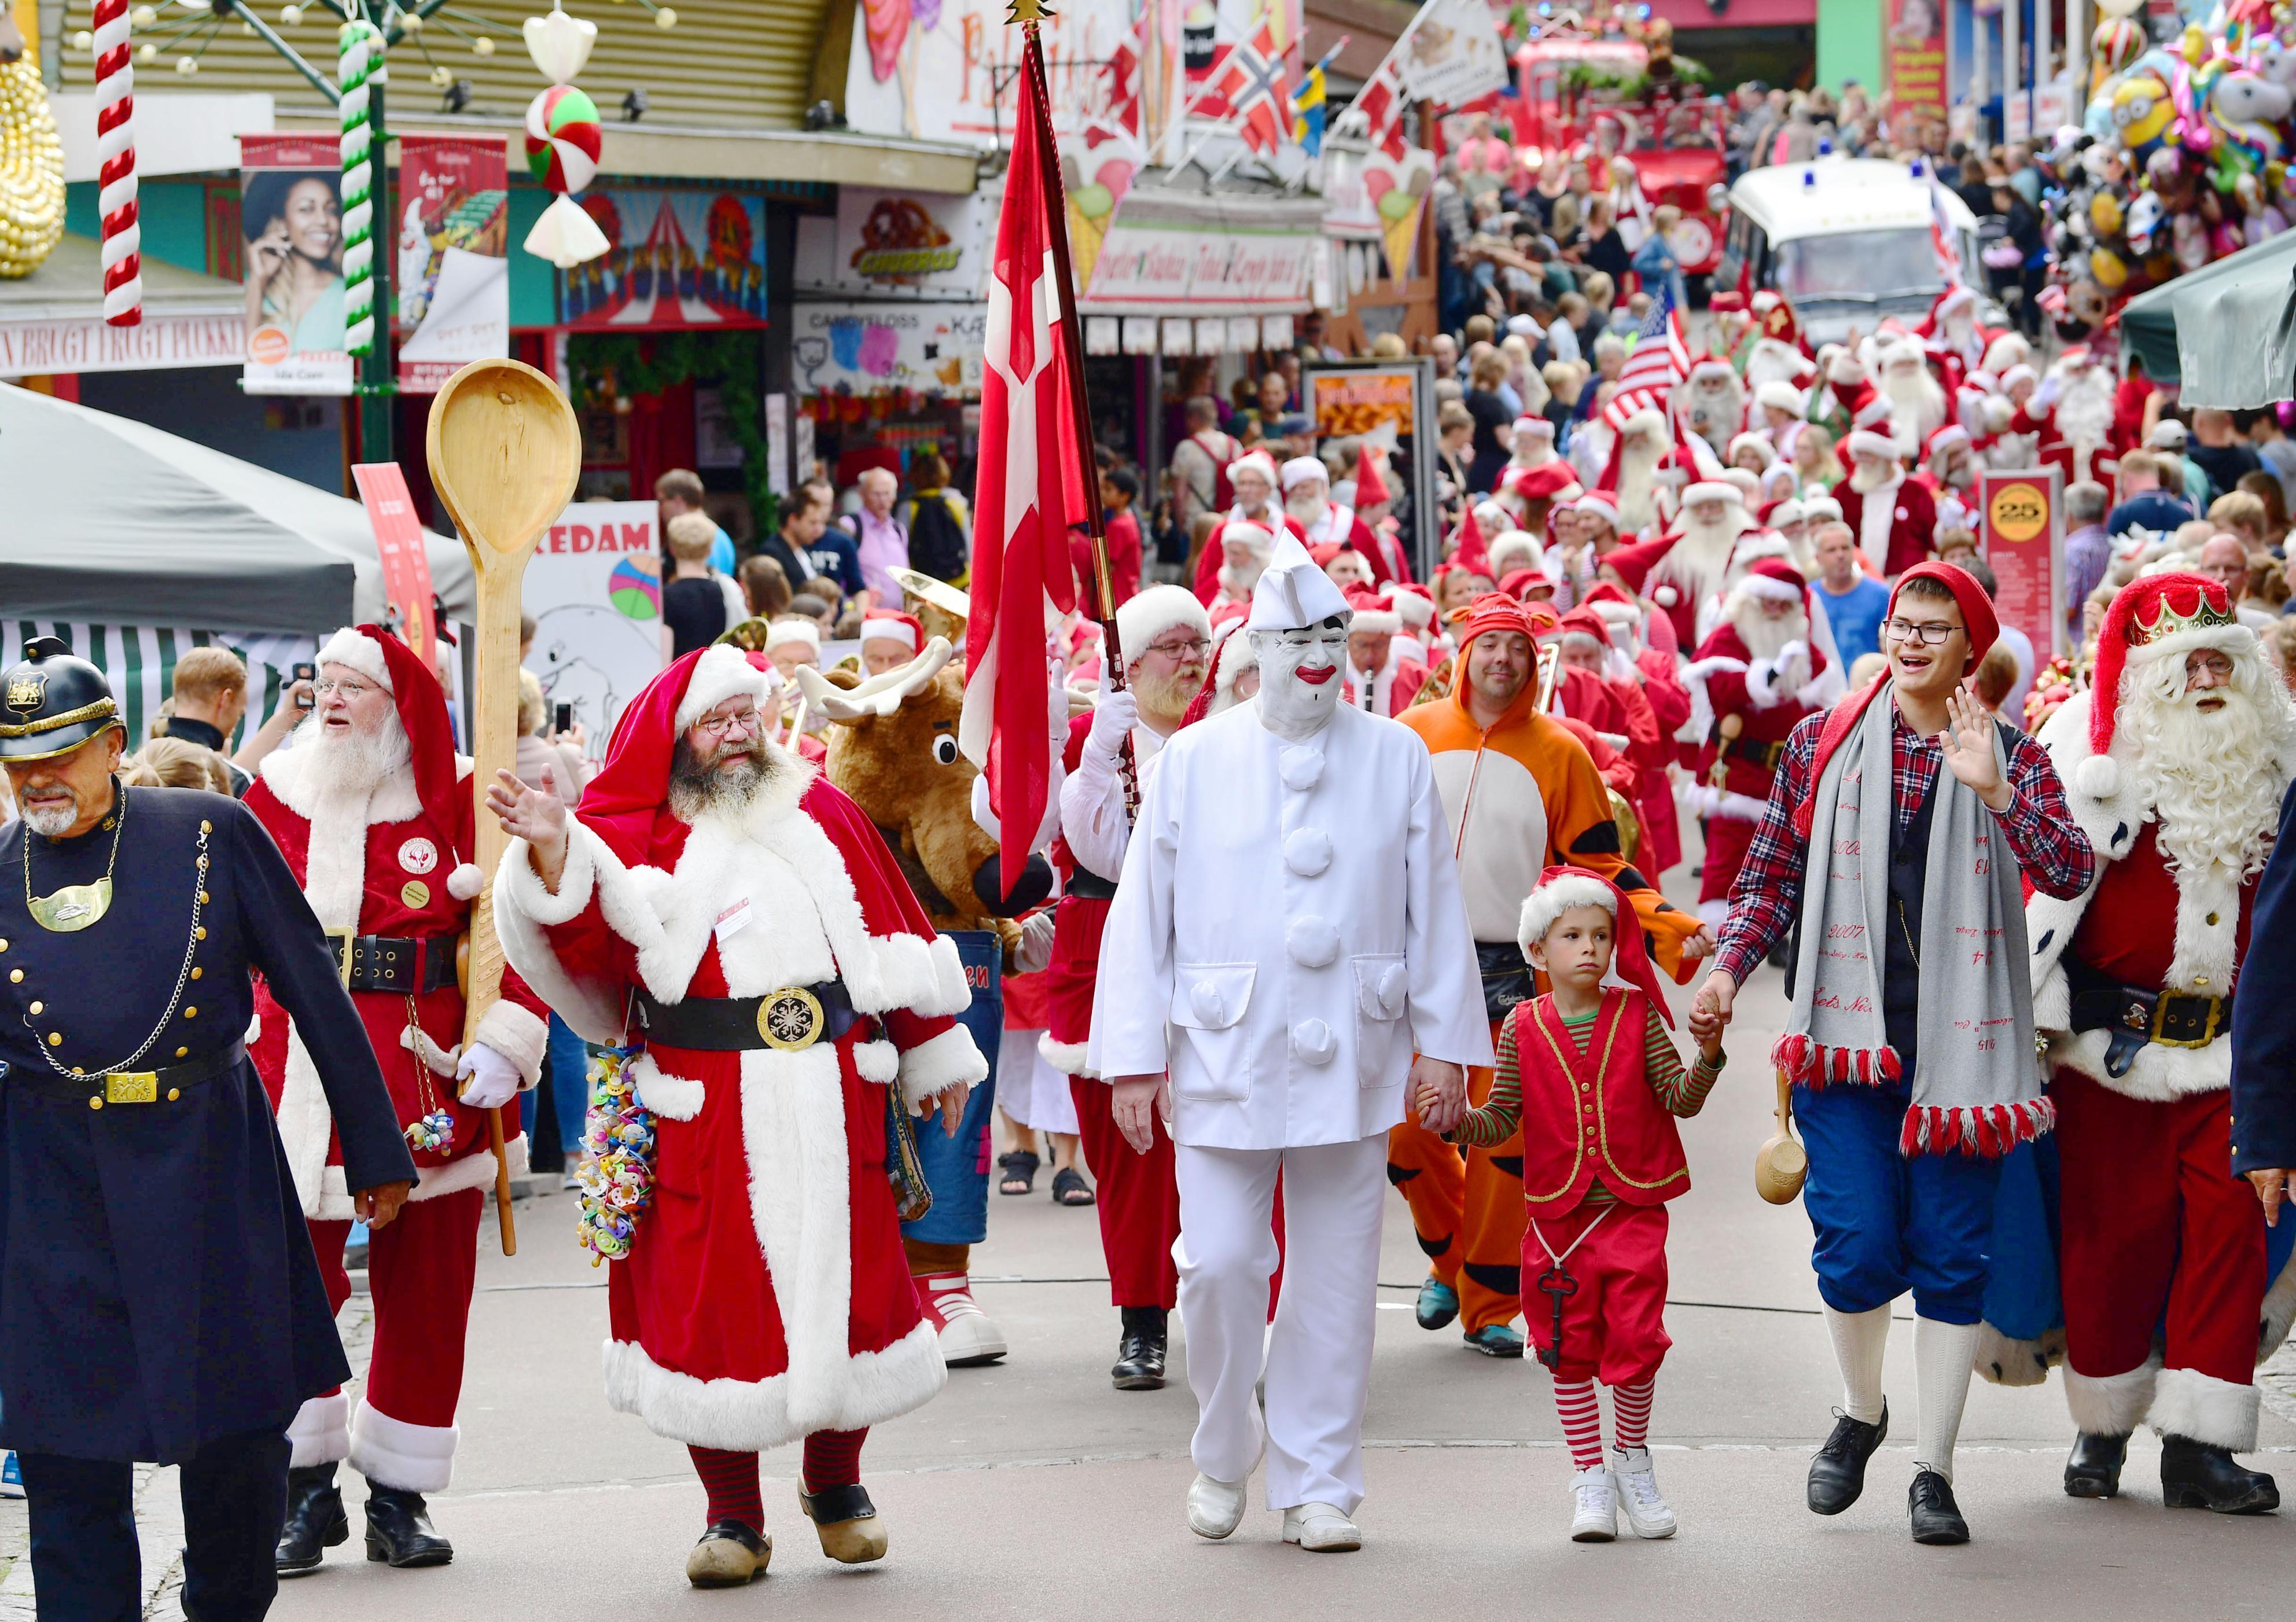 世界サンタクロース会議のイベントで、遊園地をパレードする各国のサンタクロースたち。音楽が鳴り響き、お祭りは最高潮に=コペンハーゲン郊外(撮影・仙石高記、共同)